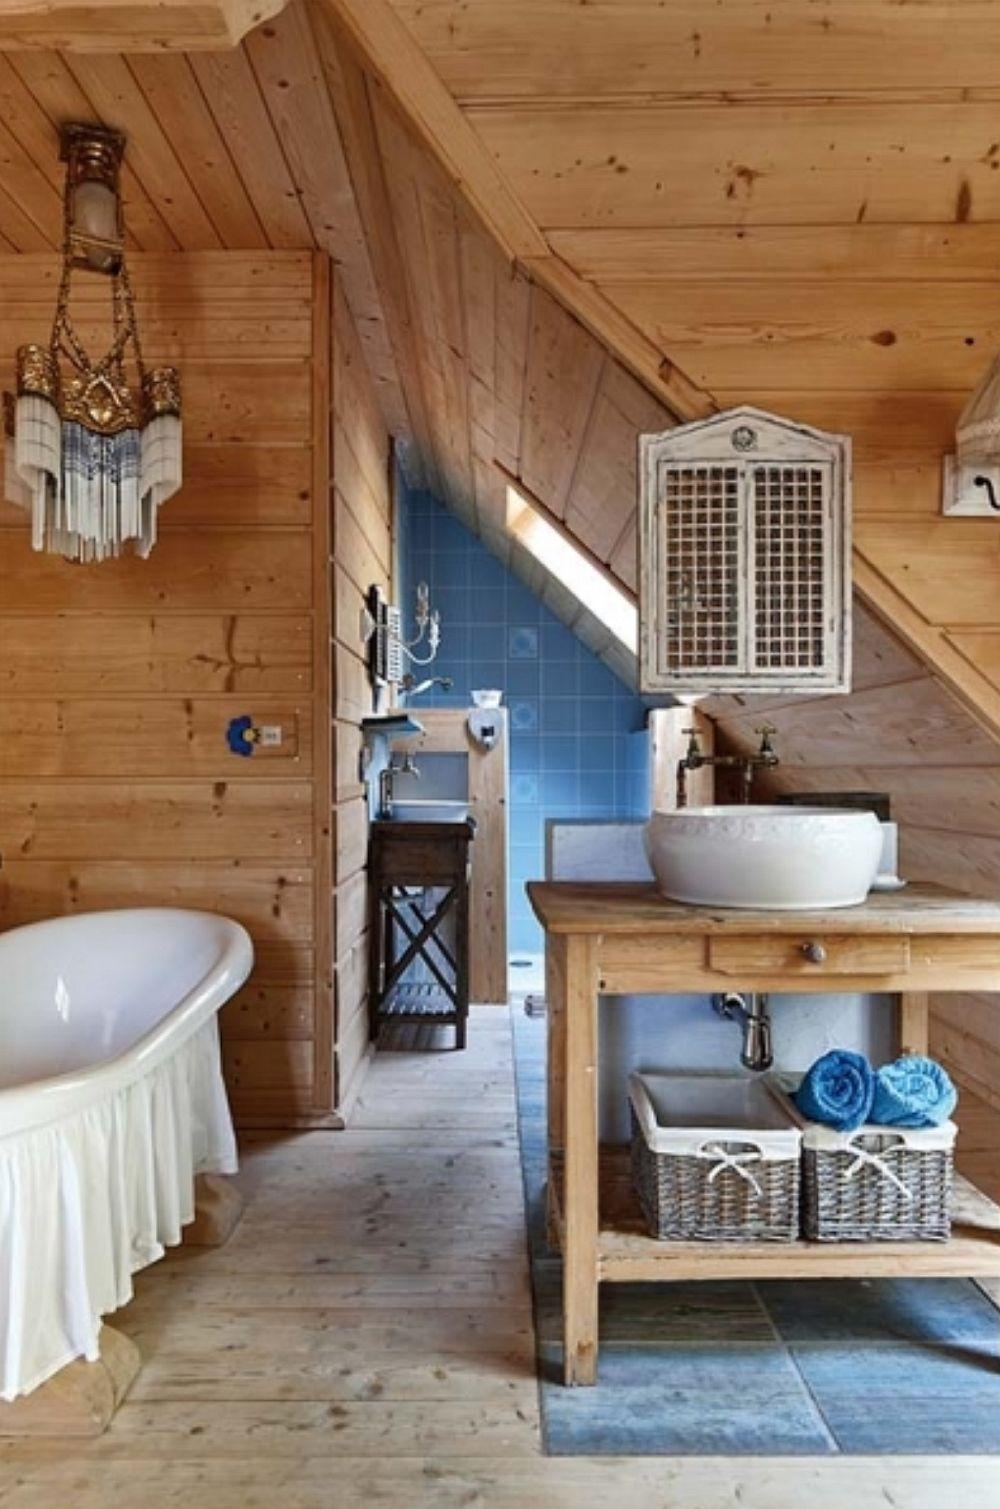 Piesele mici, precum un candelabru din Egipt, coșuri, suport închis pentru oglindă, draperie în jurul căzii sunt cele care creionează personalitatea spațiului. O casă plăcută, cu atmosferă aparte, totul conturat în combinație de lemn, alb și accente de albastru. Sper să te inspire și pe tine!